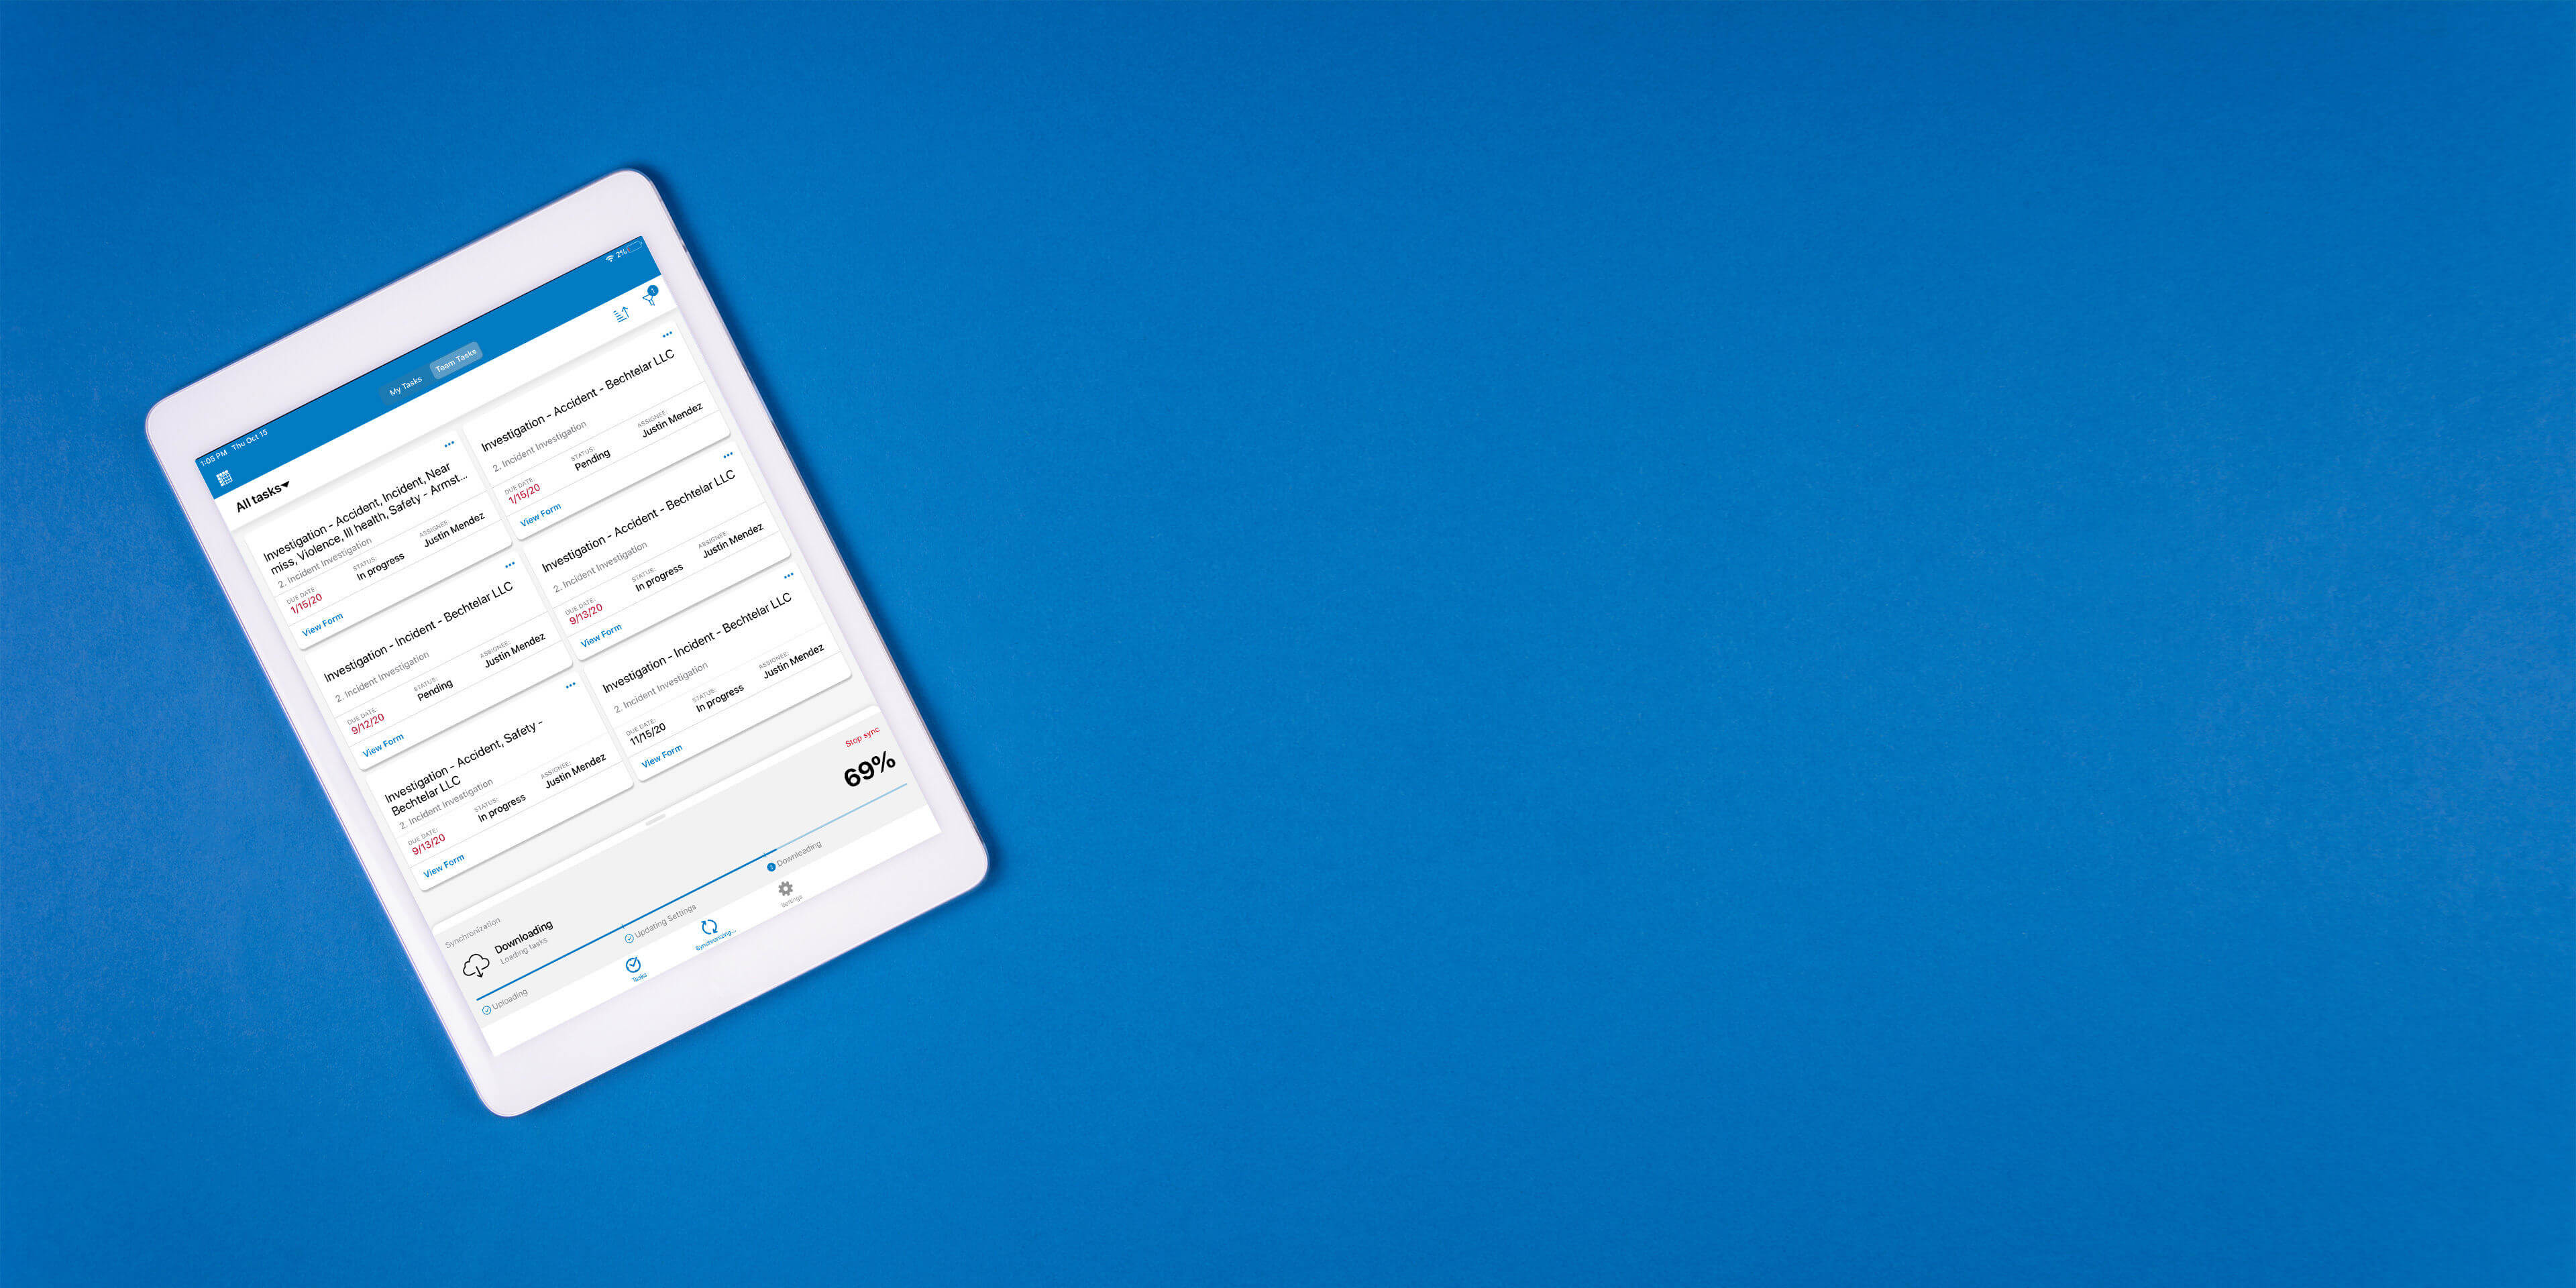 Mobile-app-banner3-80-cr